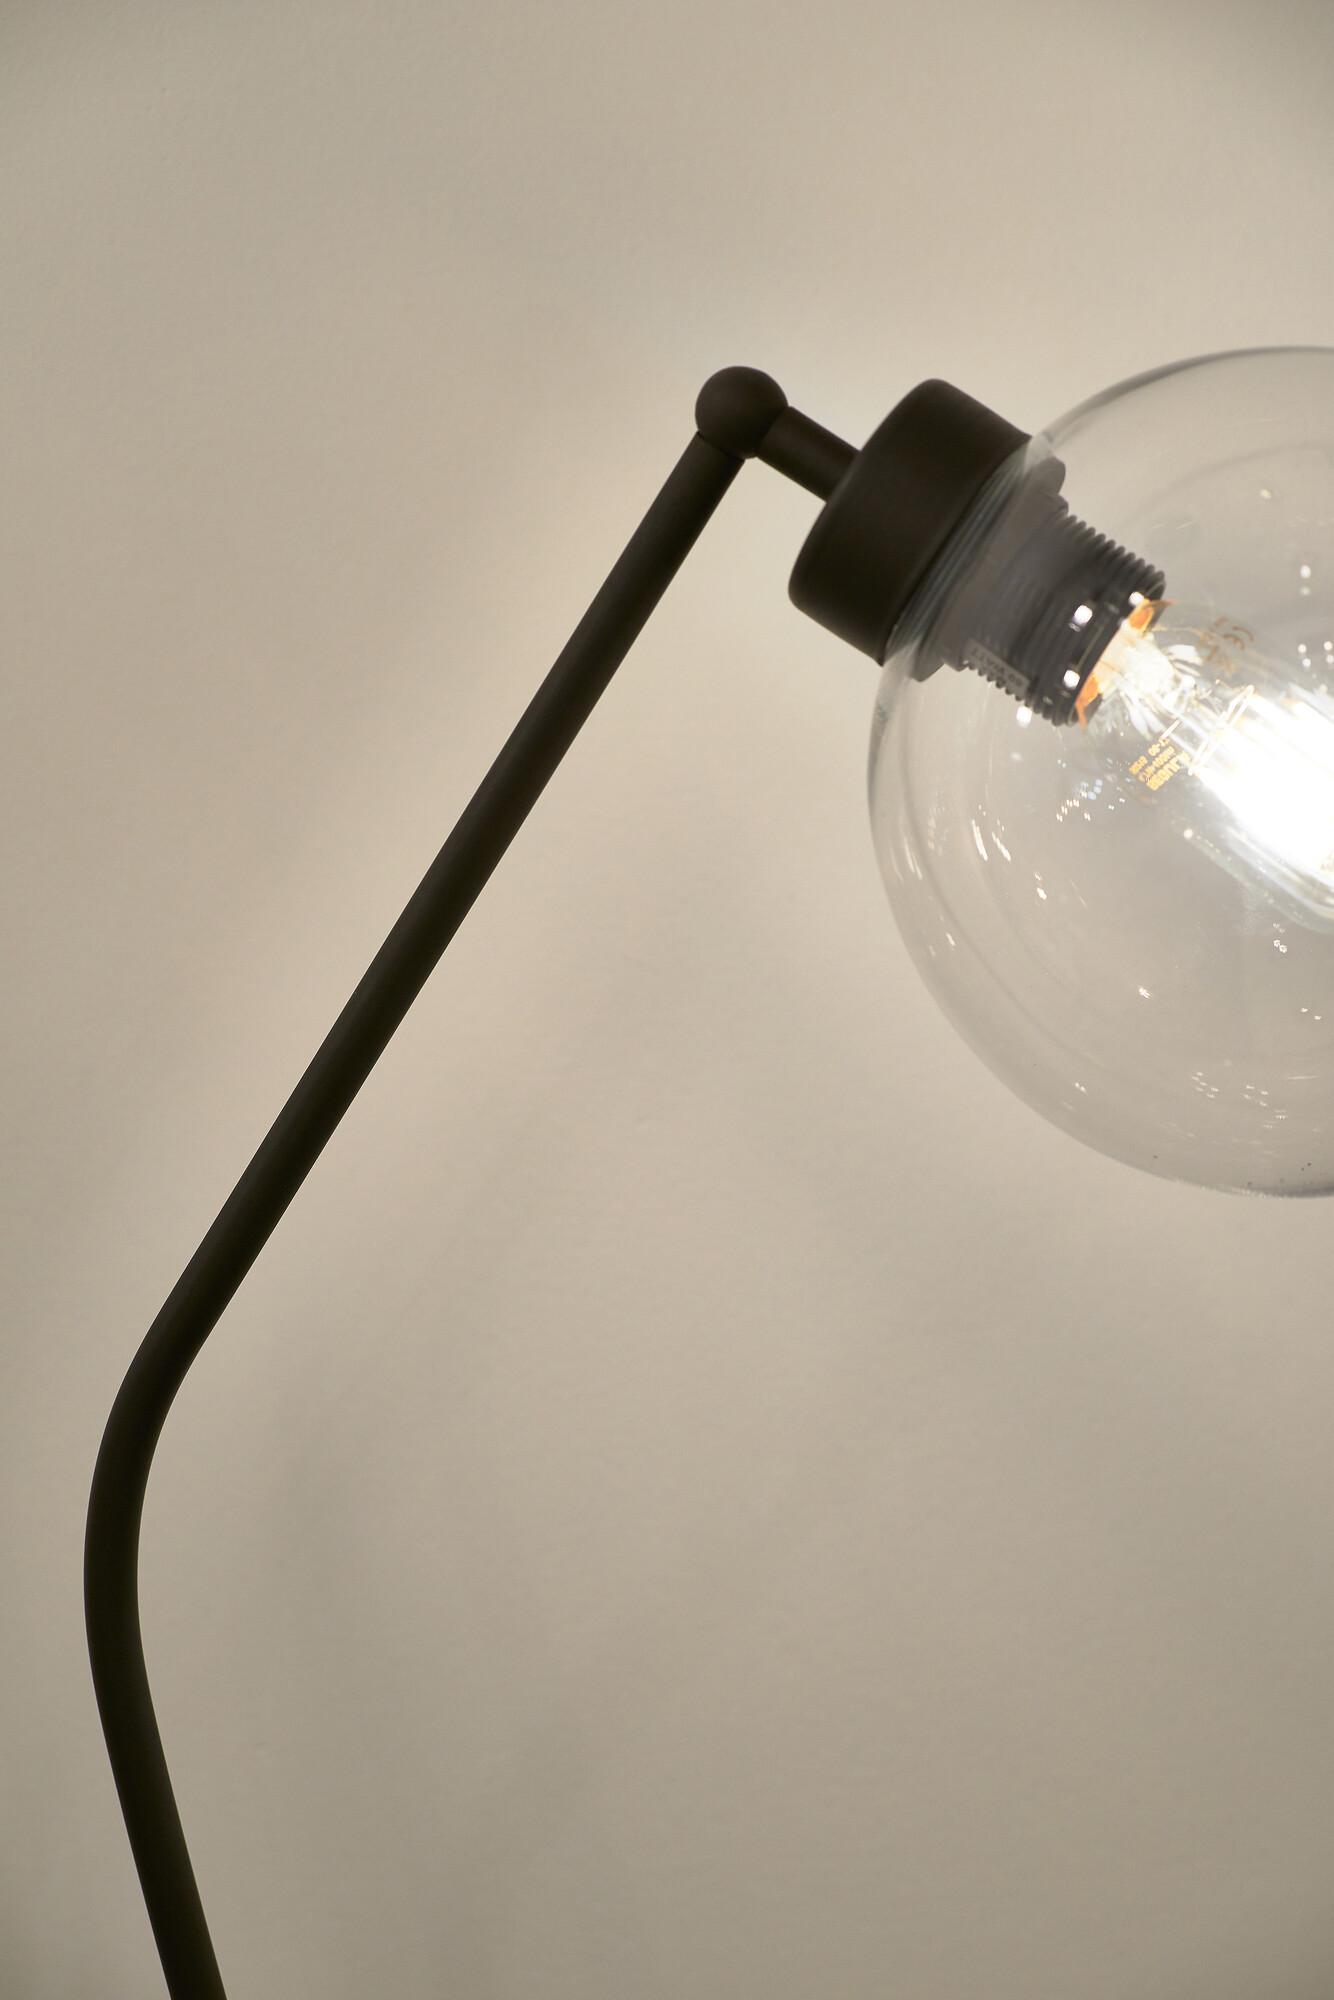 BAGEL2 Vloerlamp E27 1x Bruin